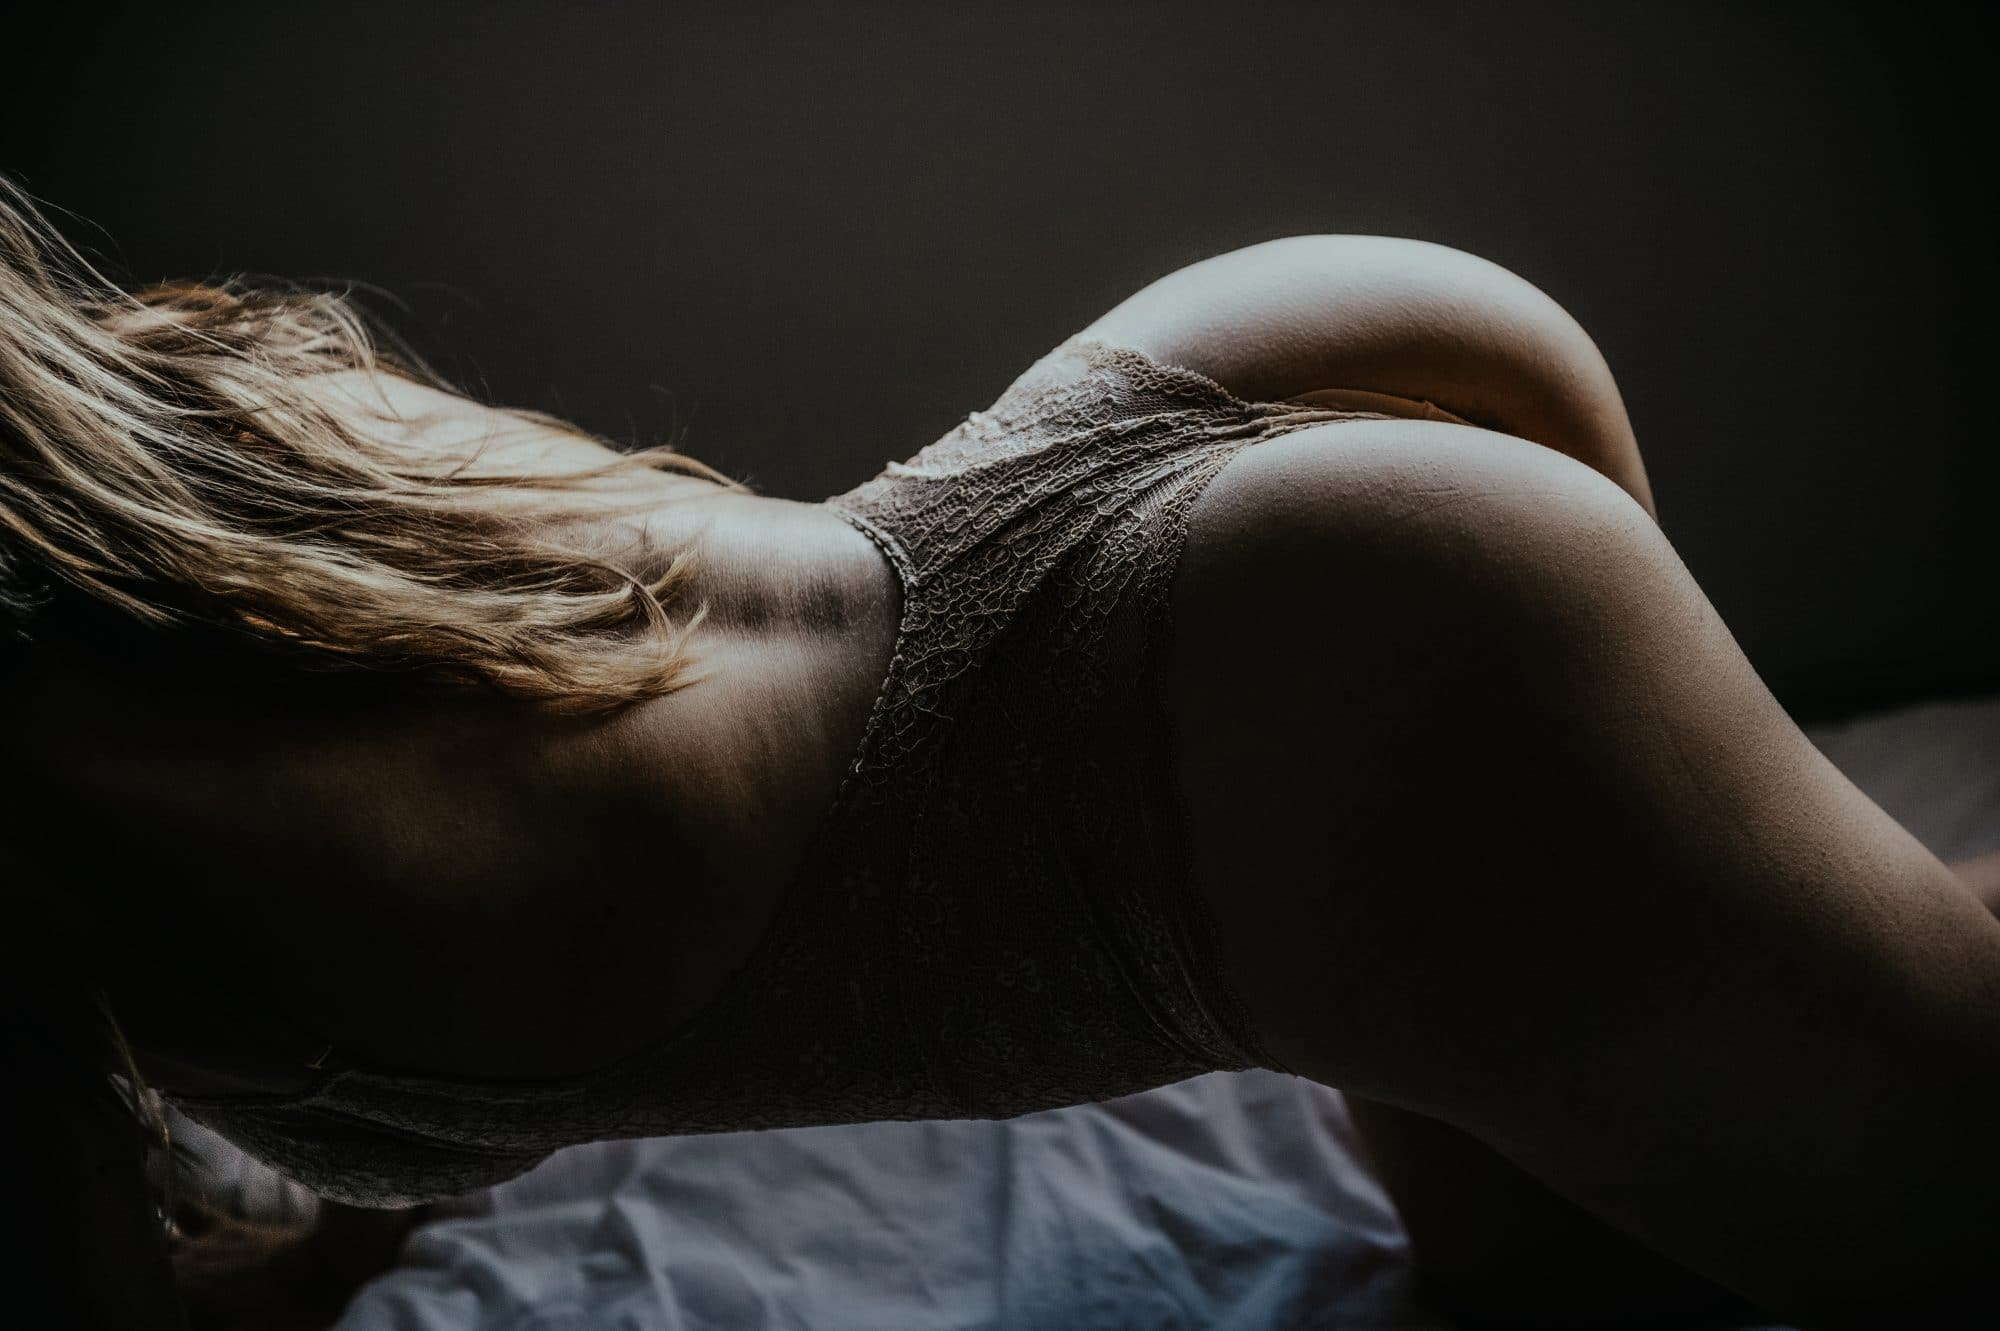 boudoirshoot